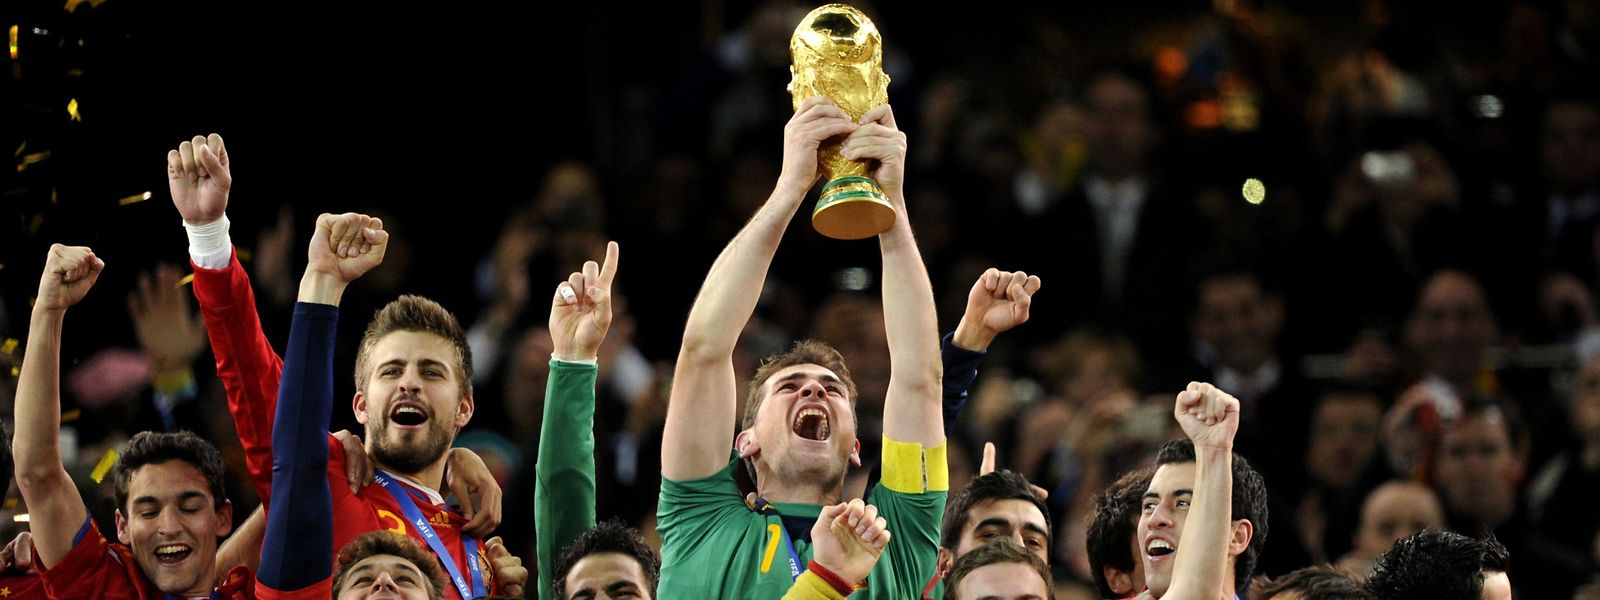 2010: Iker Casillas hält den Fifa World Cup auf dem Höhepunkt seiner Karriere.